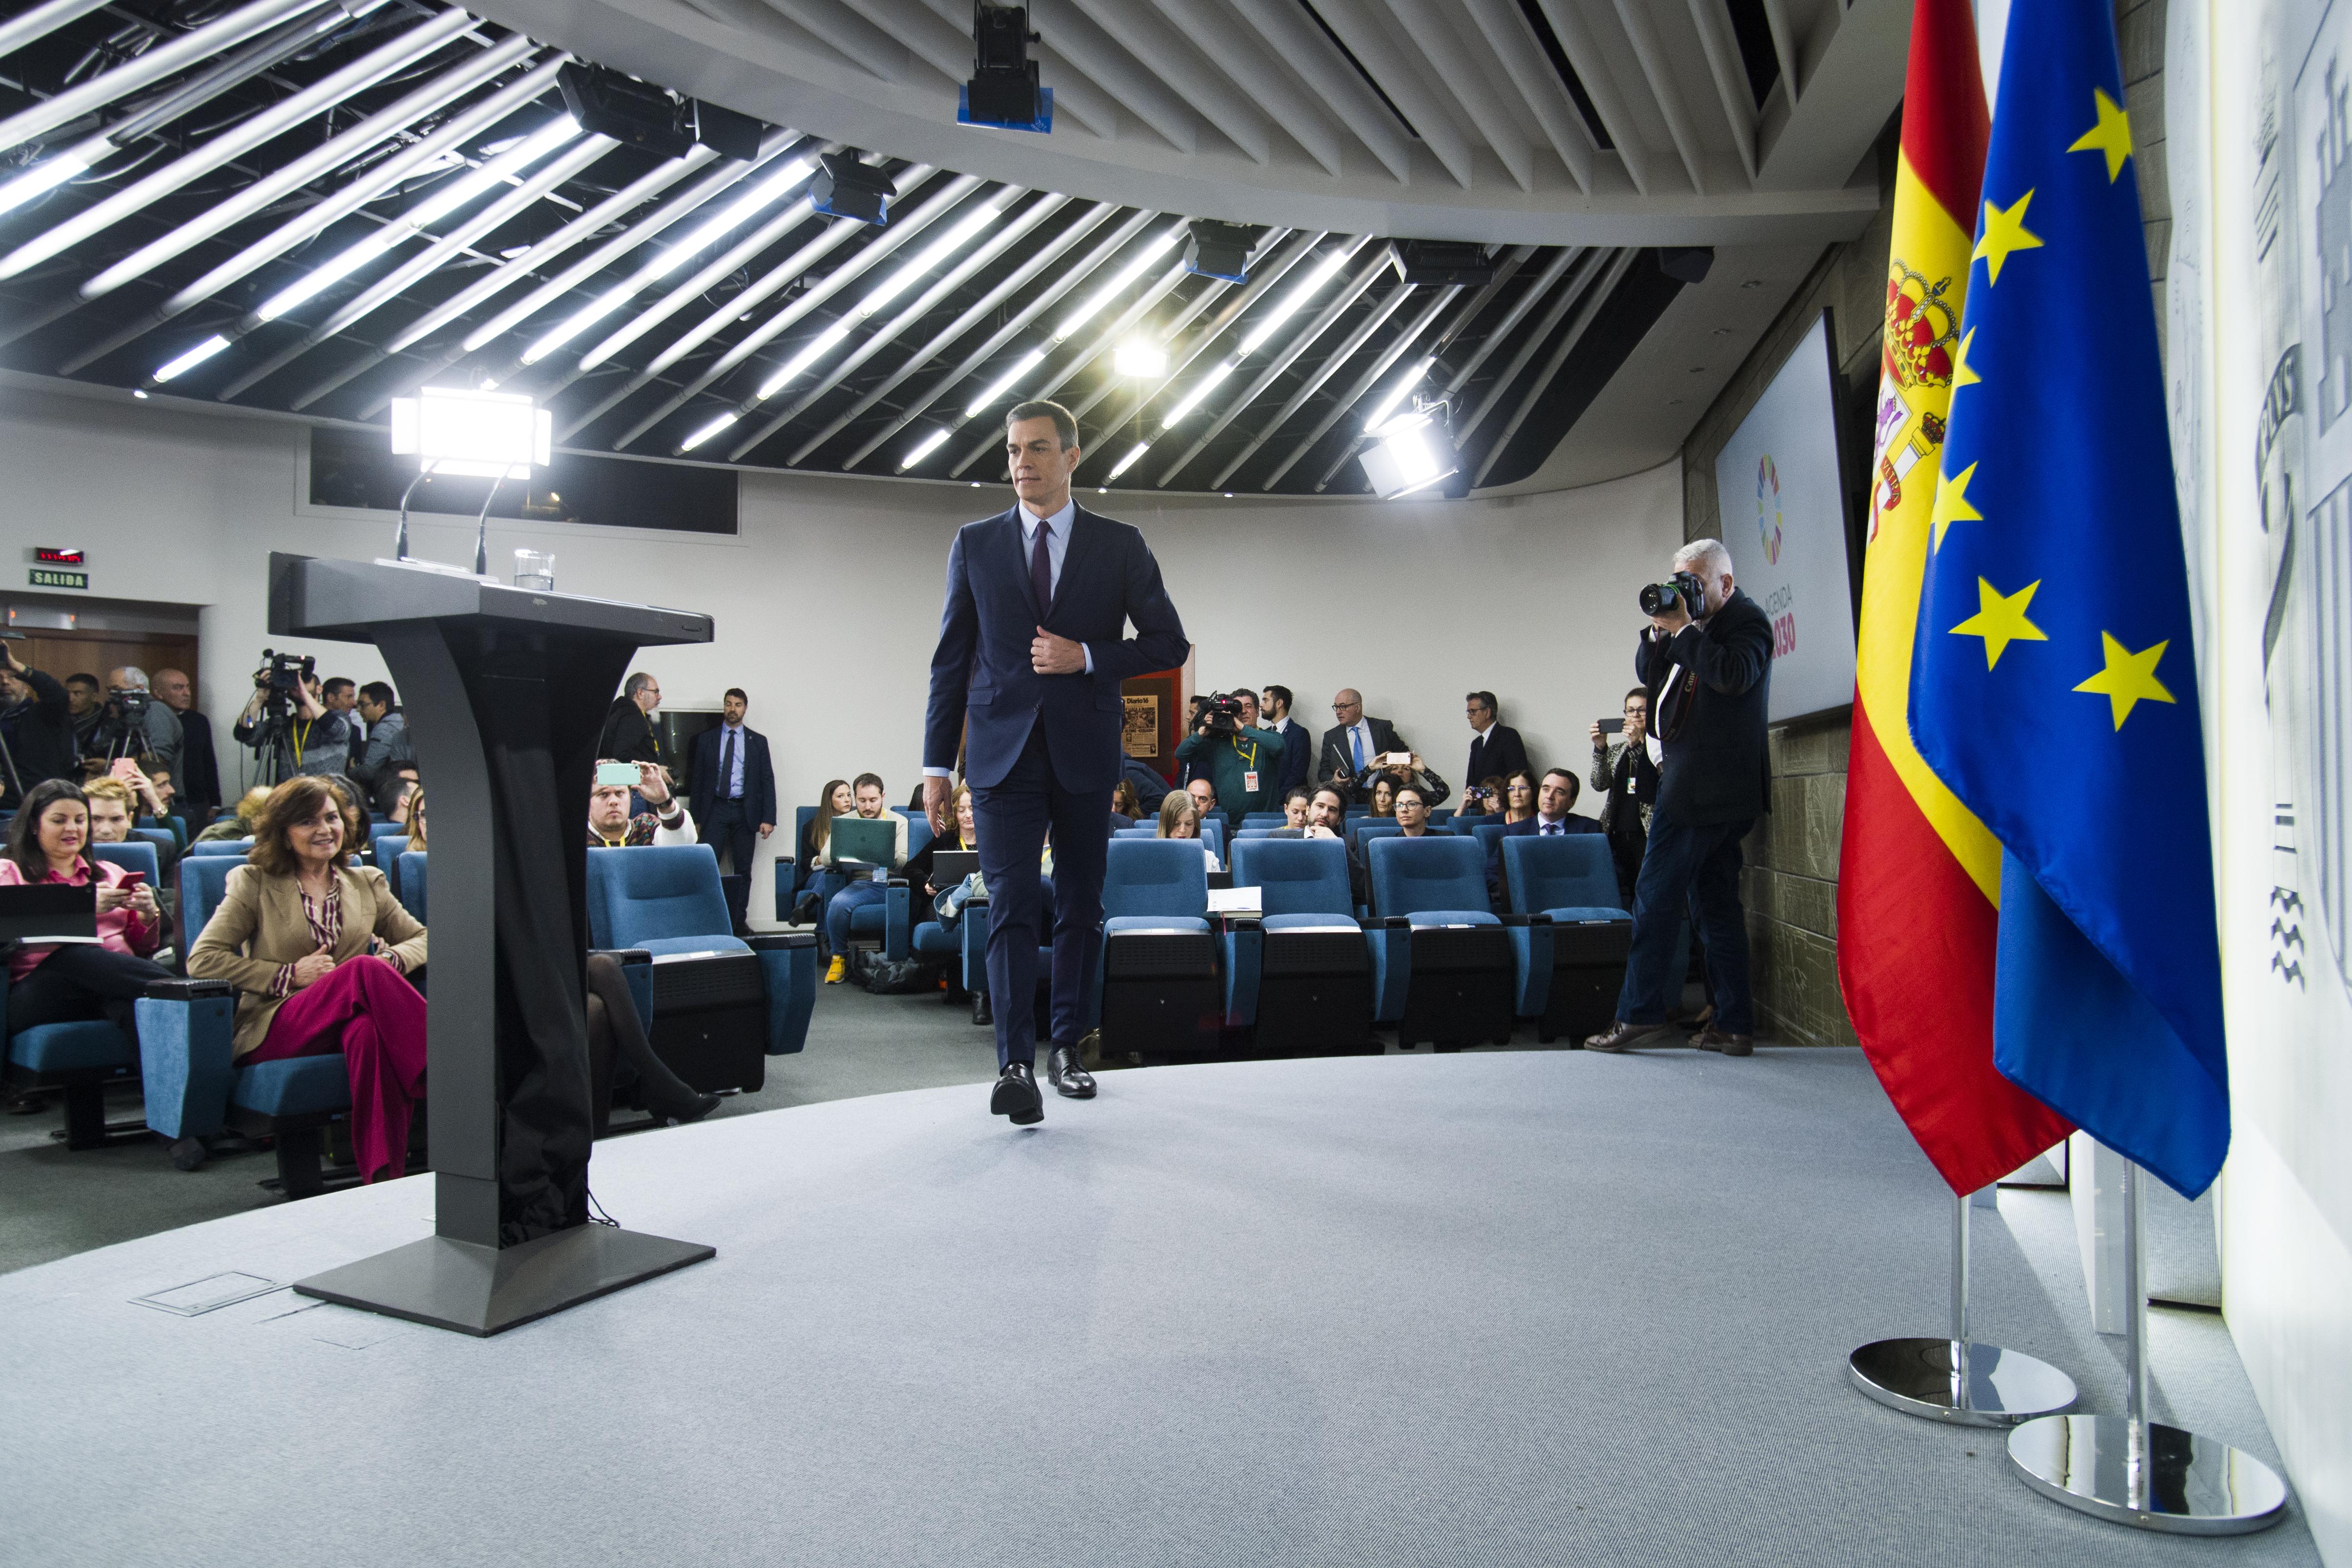 Foment espera que el nuevo Gobierno que se forme tras las elecciones pueda aportar estabilidad